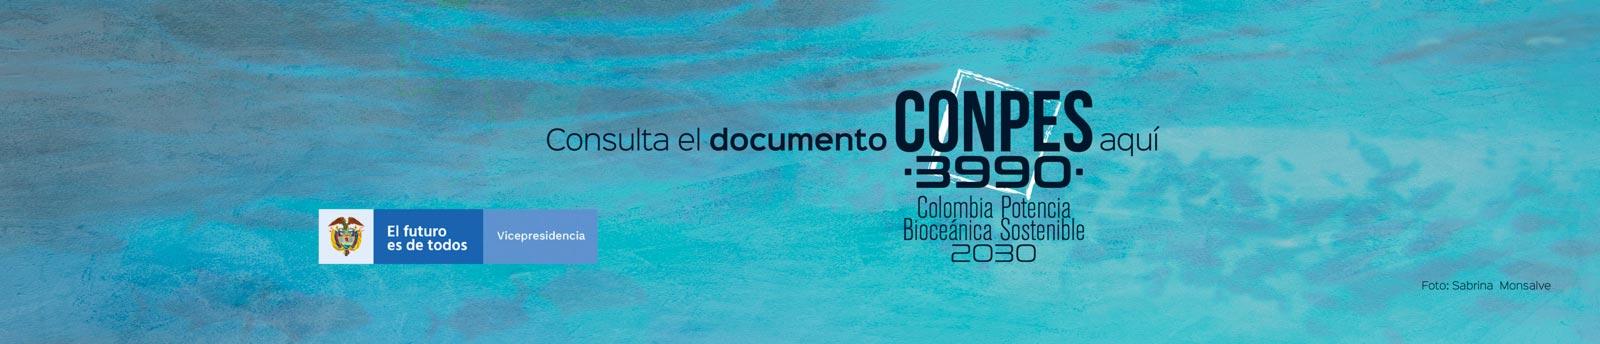 Consulta el documento CONPES - Colombia Potencia Bioceánica Sostenible 2030